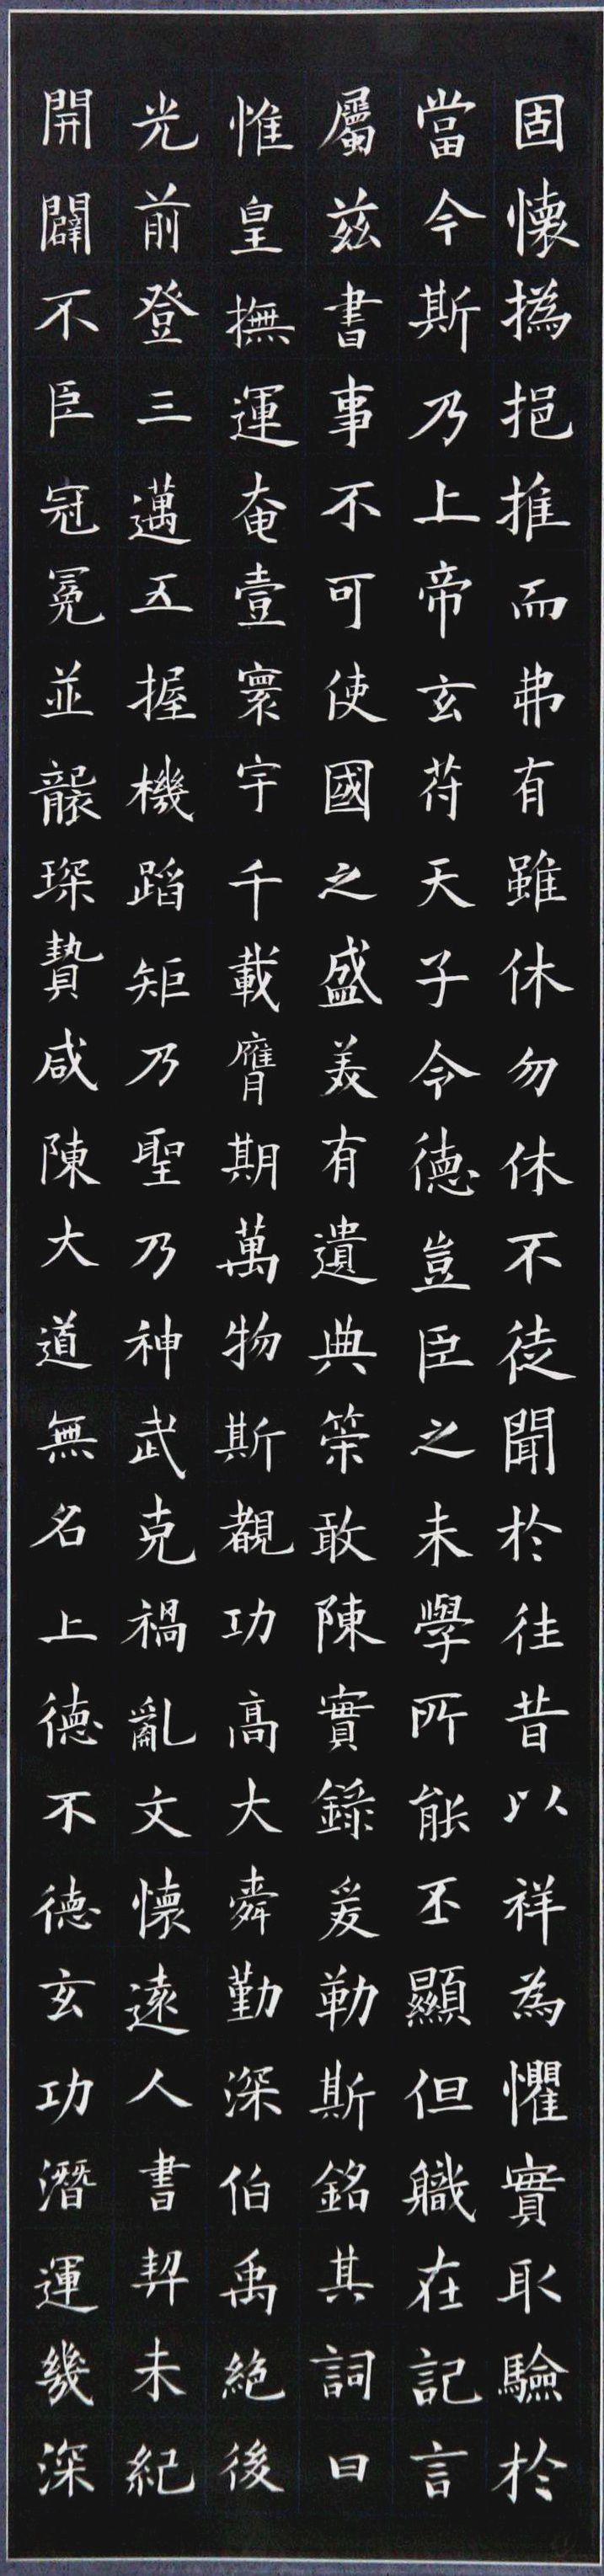 李笔戎 (4)_副本_副本_副本.jpg